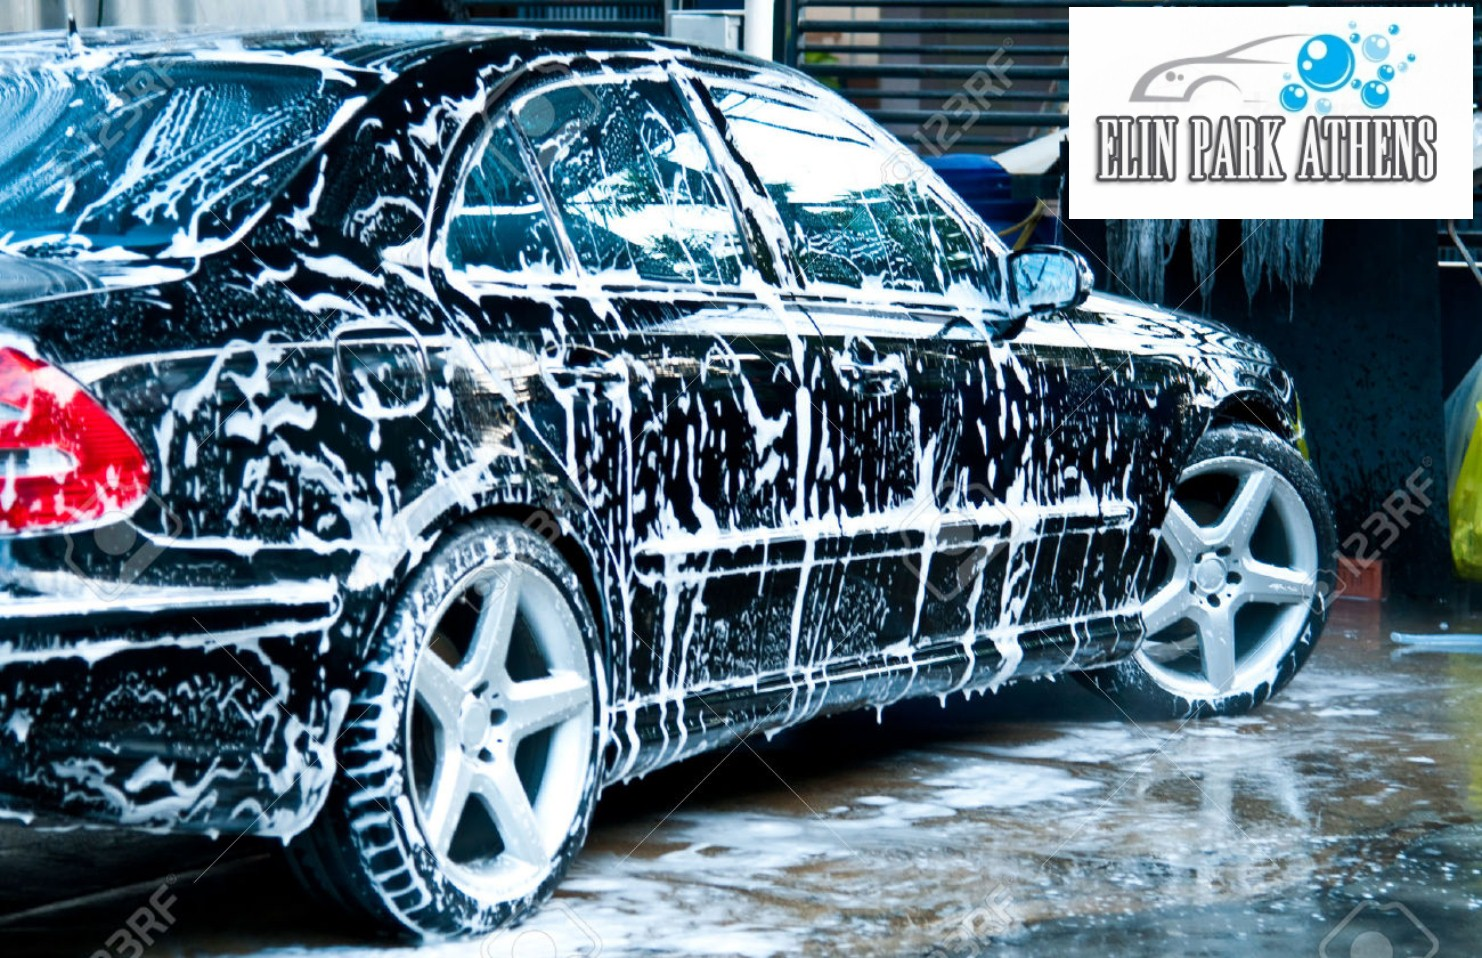 Από 3,90€ για Εσωτερικό-Εξωτερικό πλύσιμο Αυτοκινήτου και Κέρωμα, στο ''Elin Park Athens'' στο κέντρο της Αθήνας